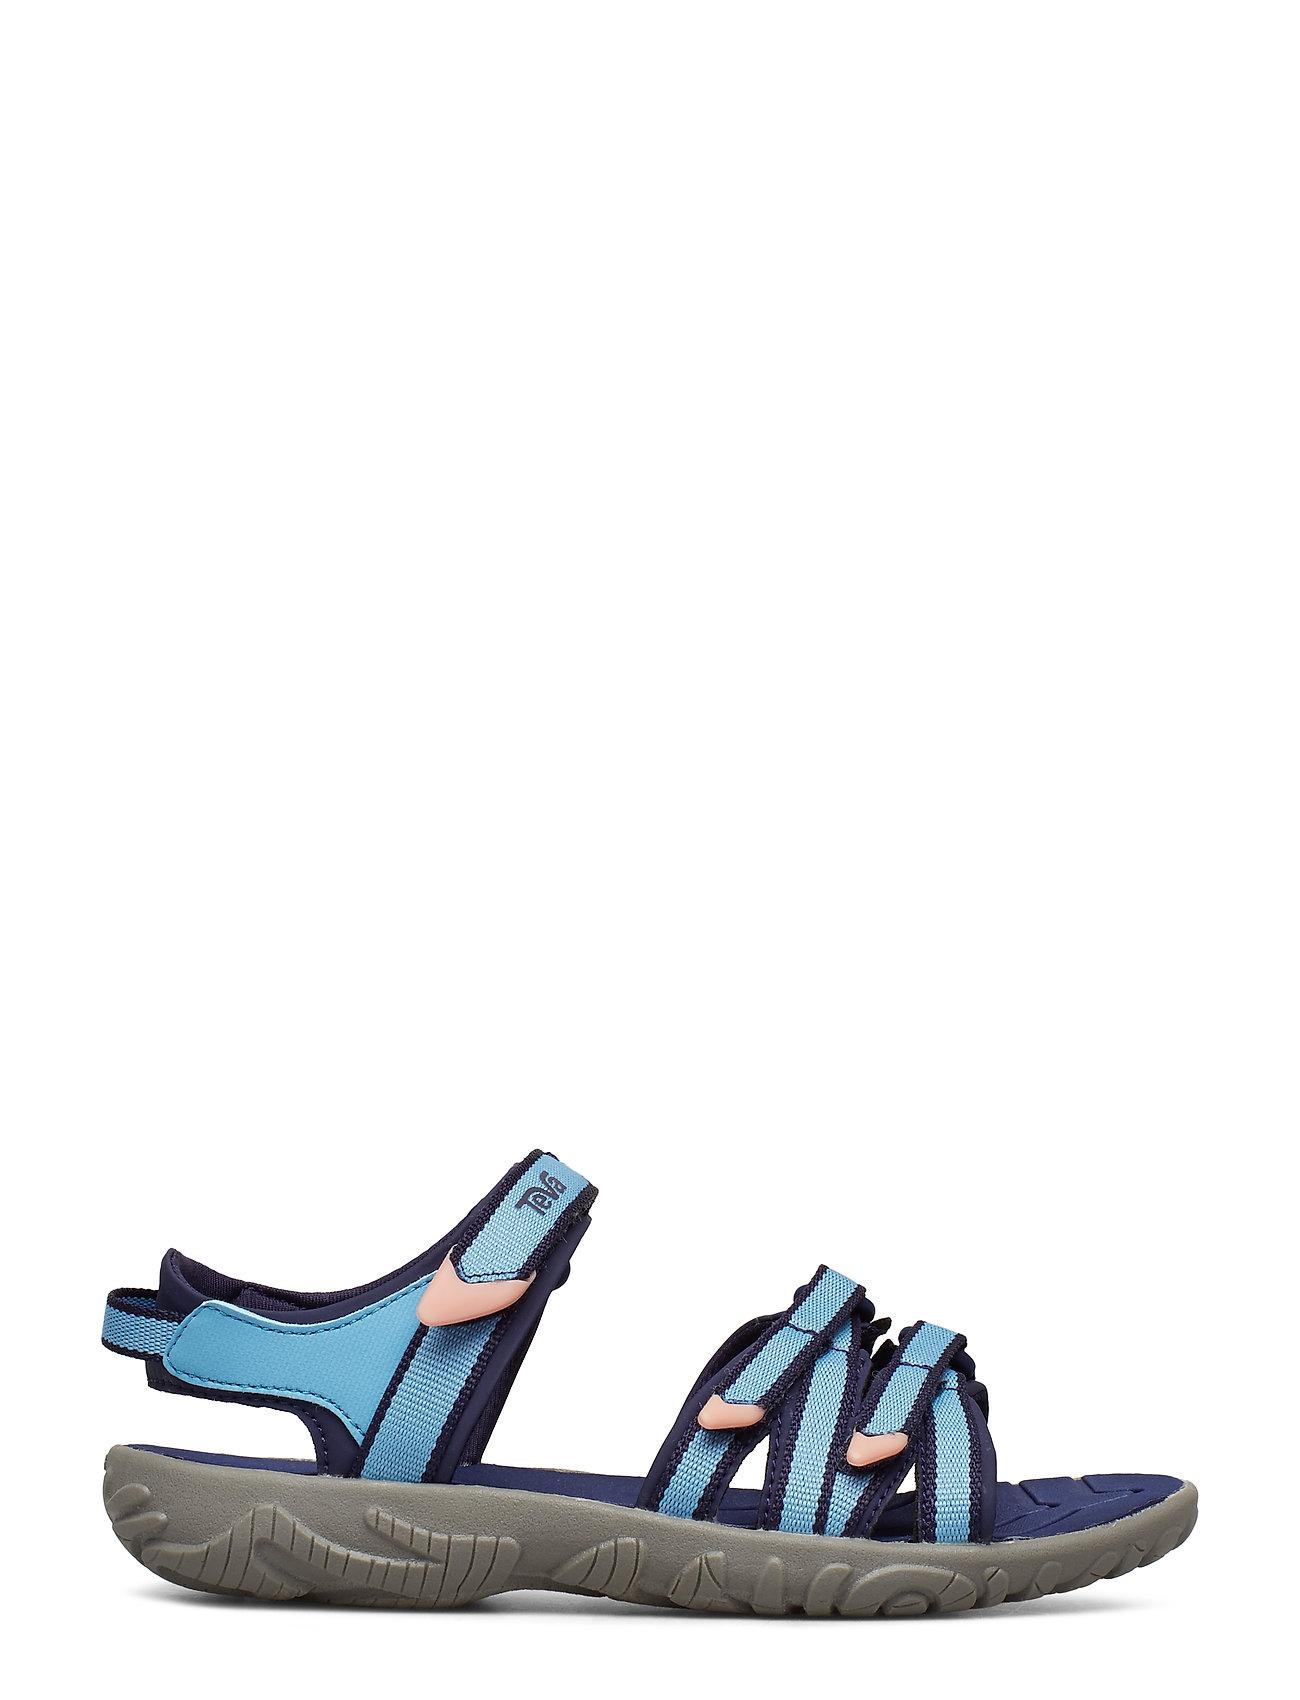 de981afa7 K Tirra Sandaler Blå TEVA